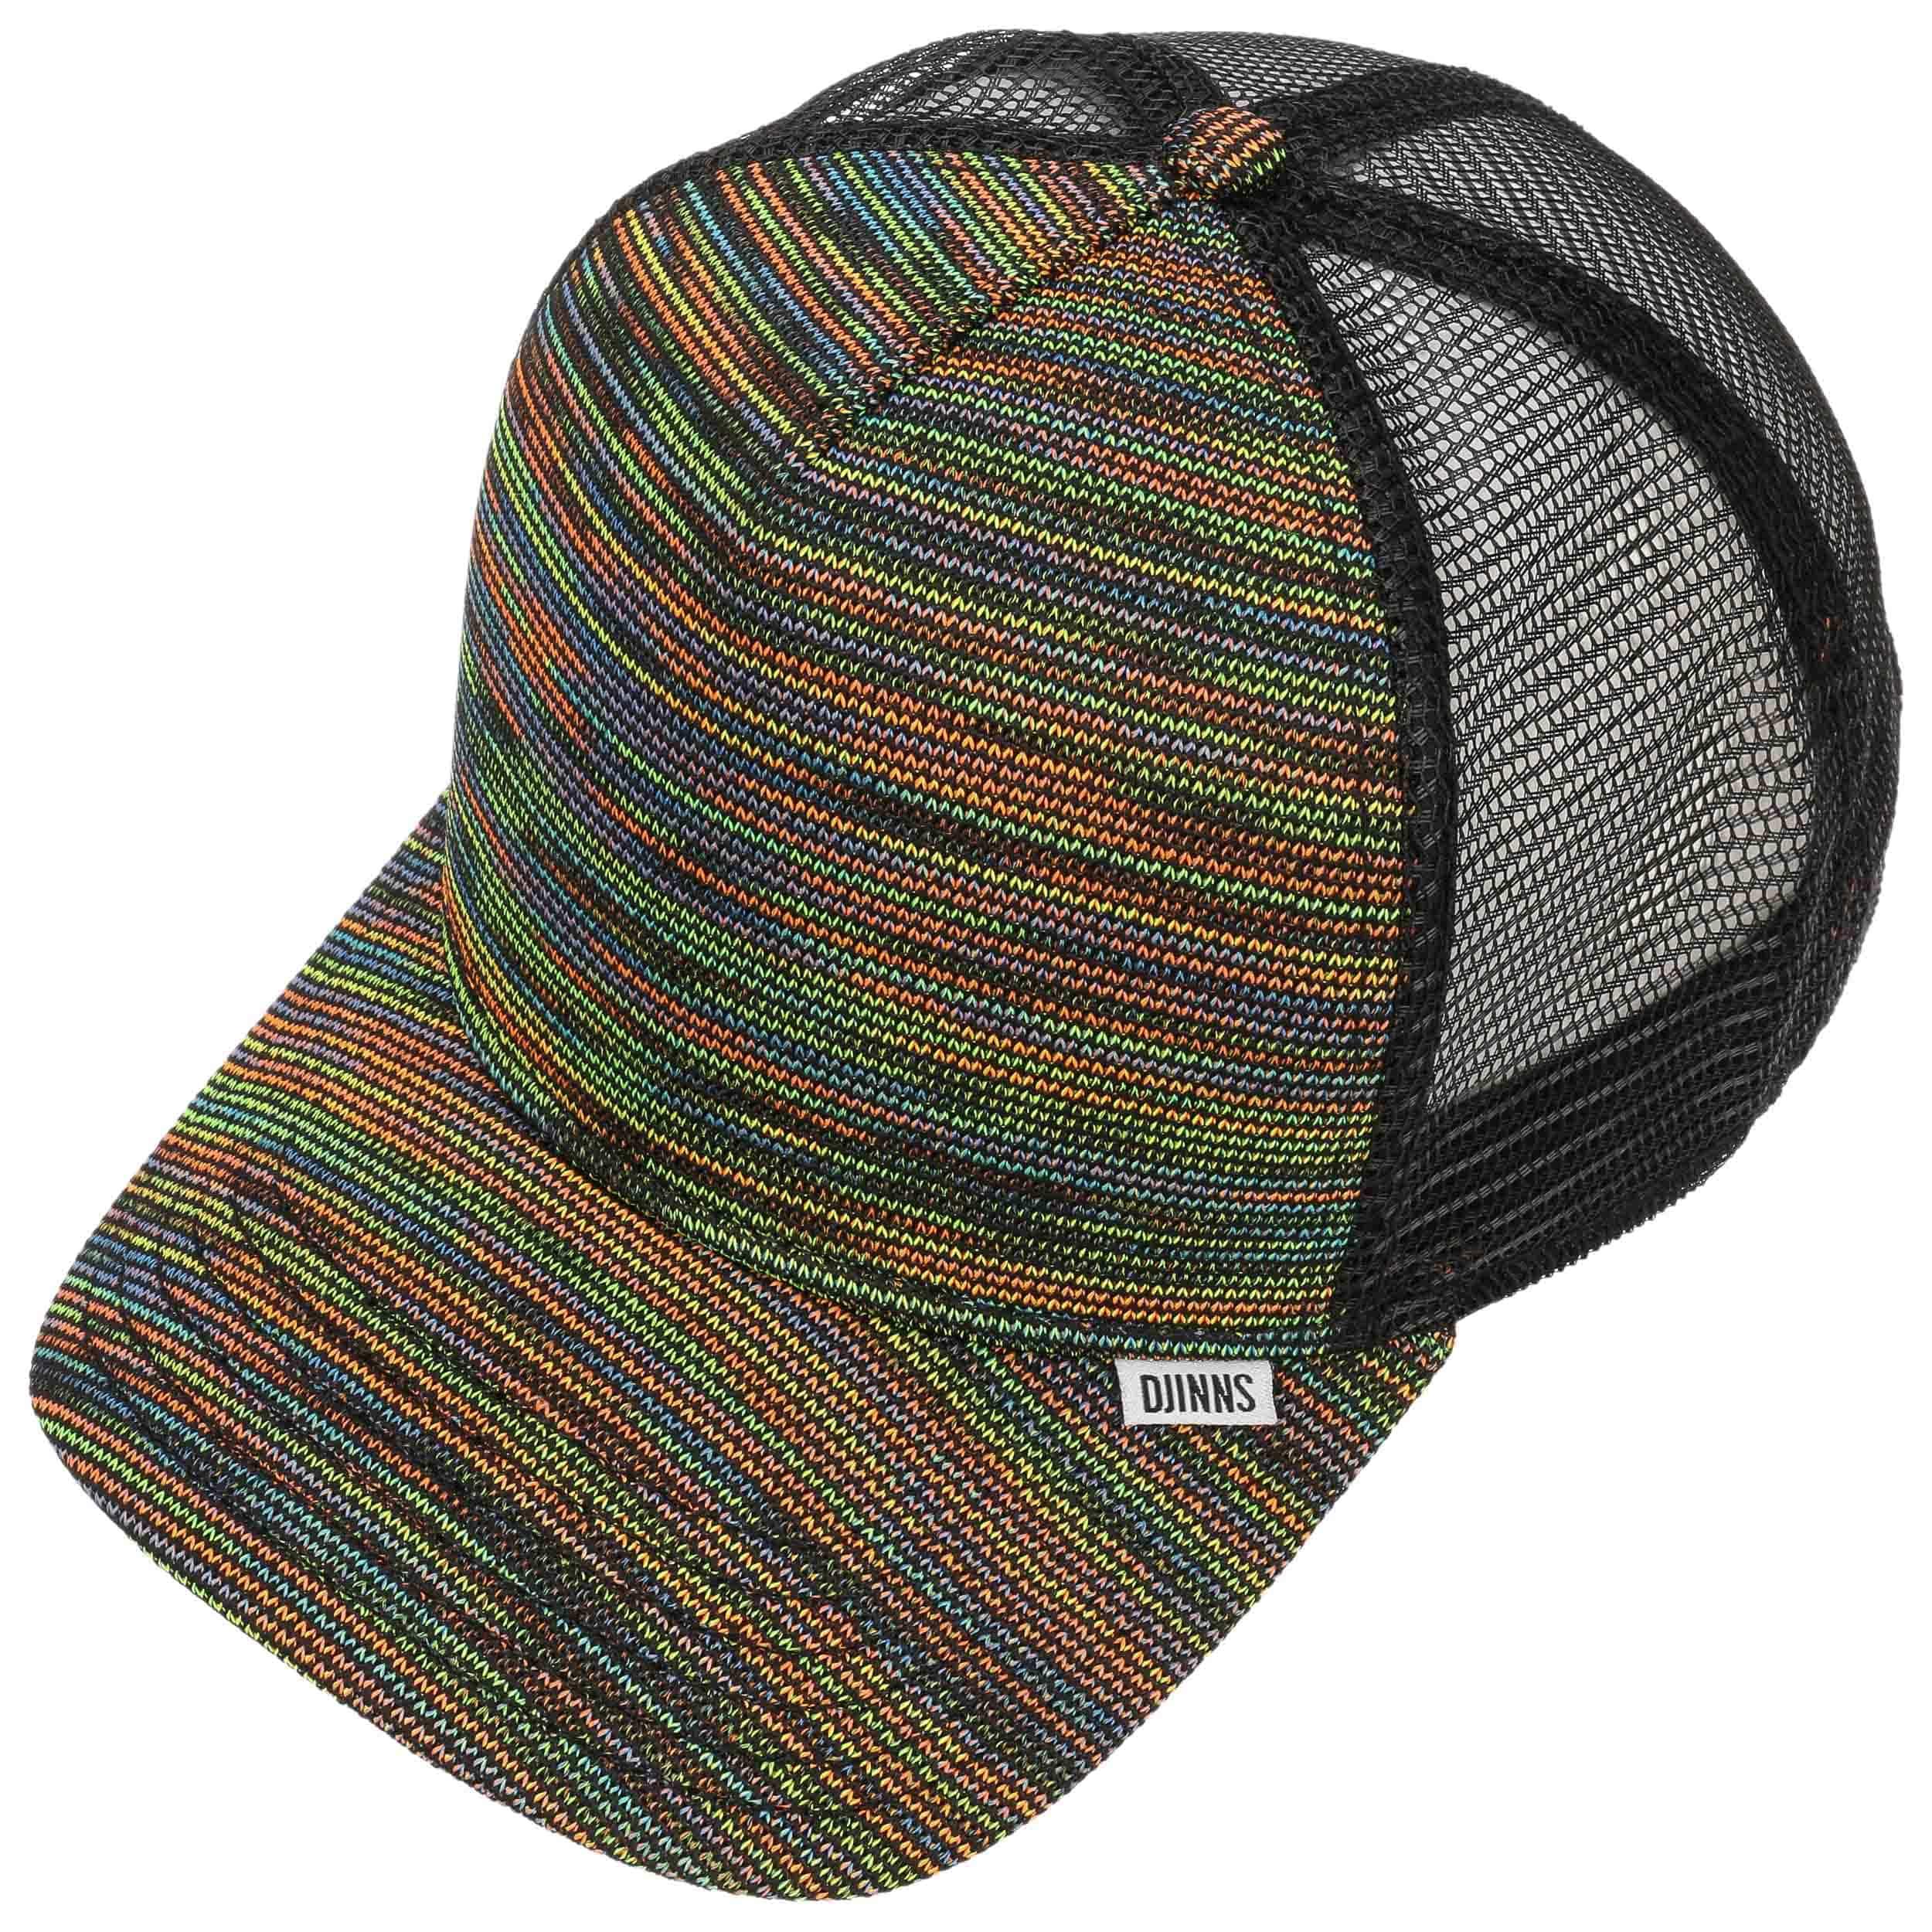 29061eef Rainbow Mesh HFT Trucker Cap by Djinns, EUR 24,99 --> Hats, caps ...